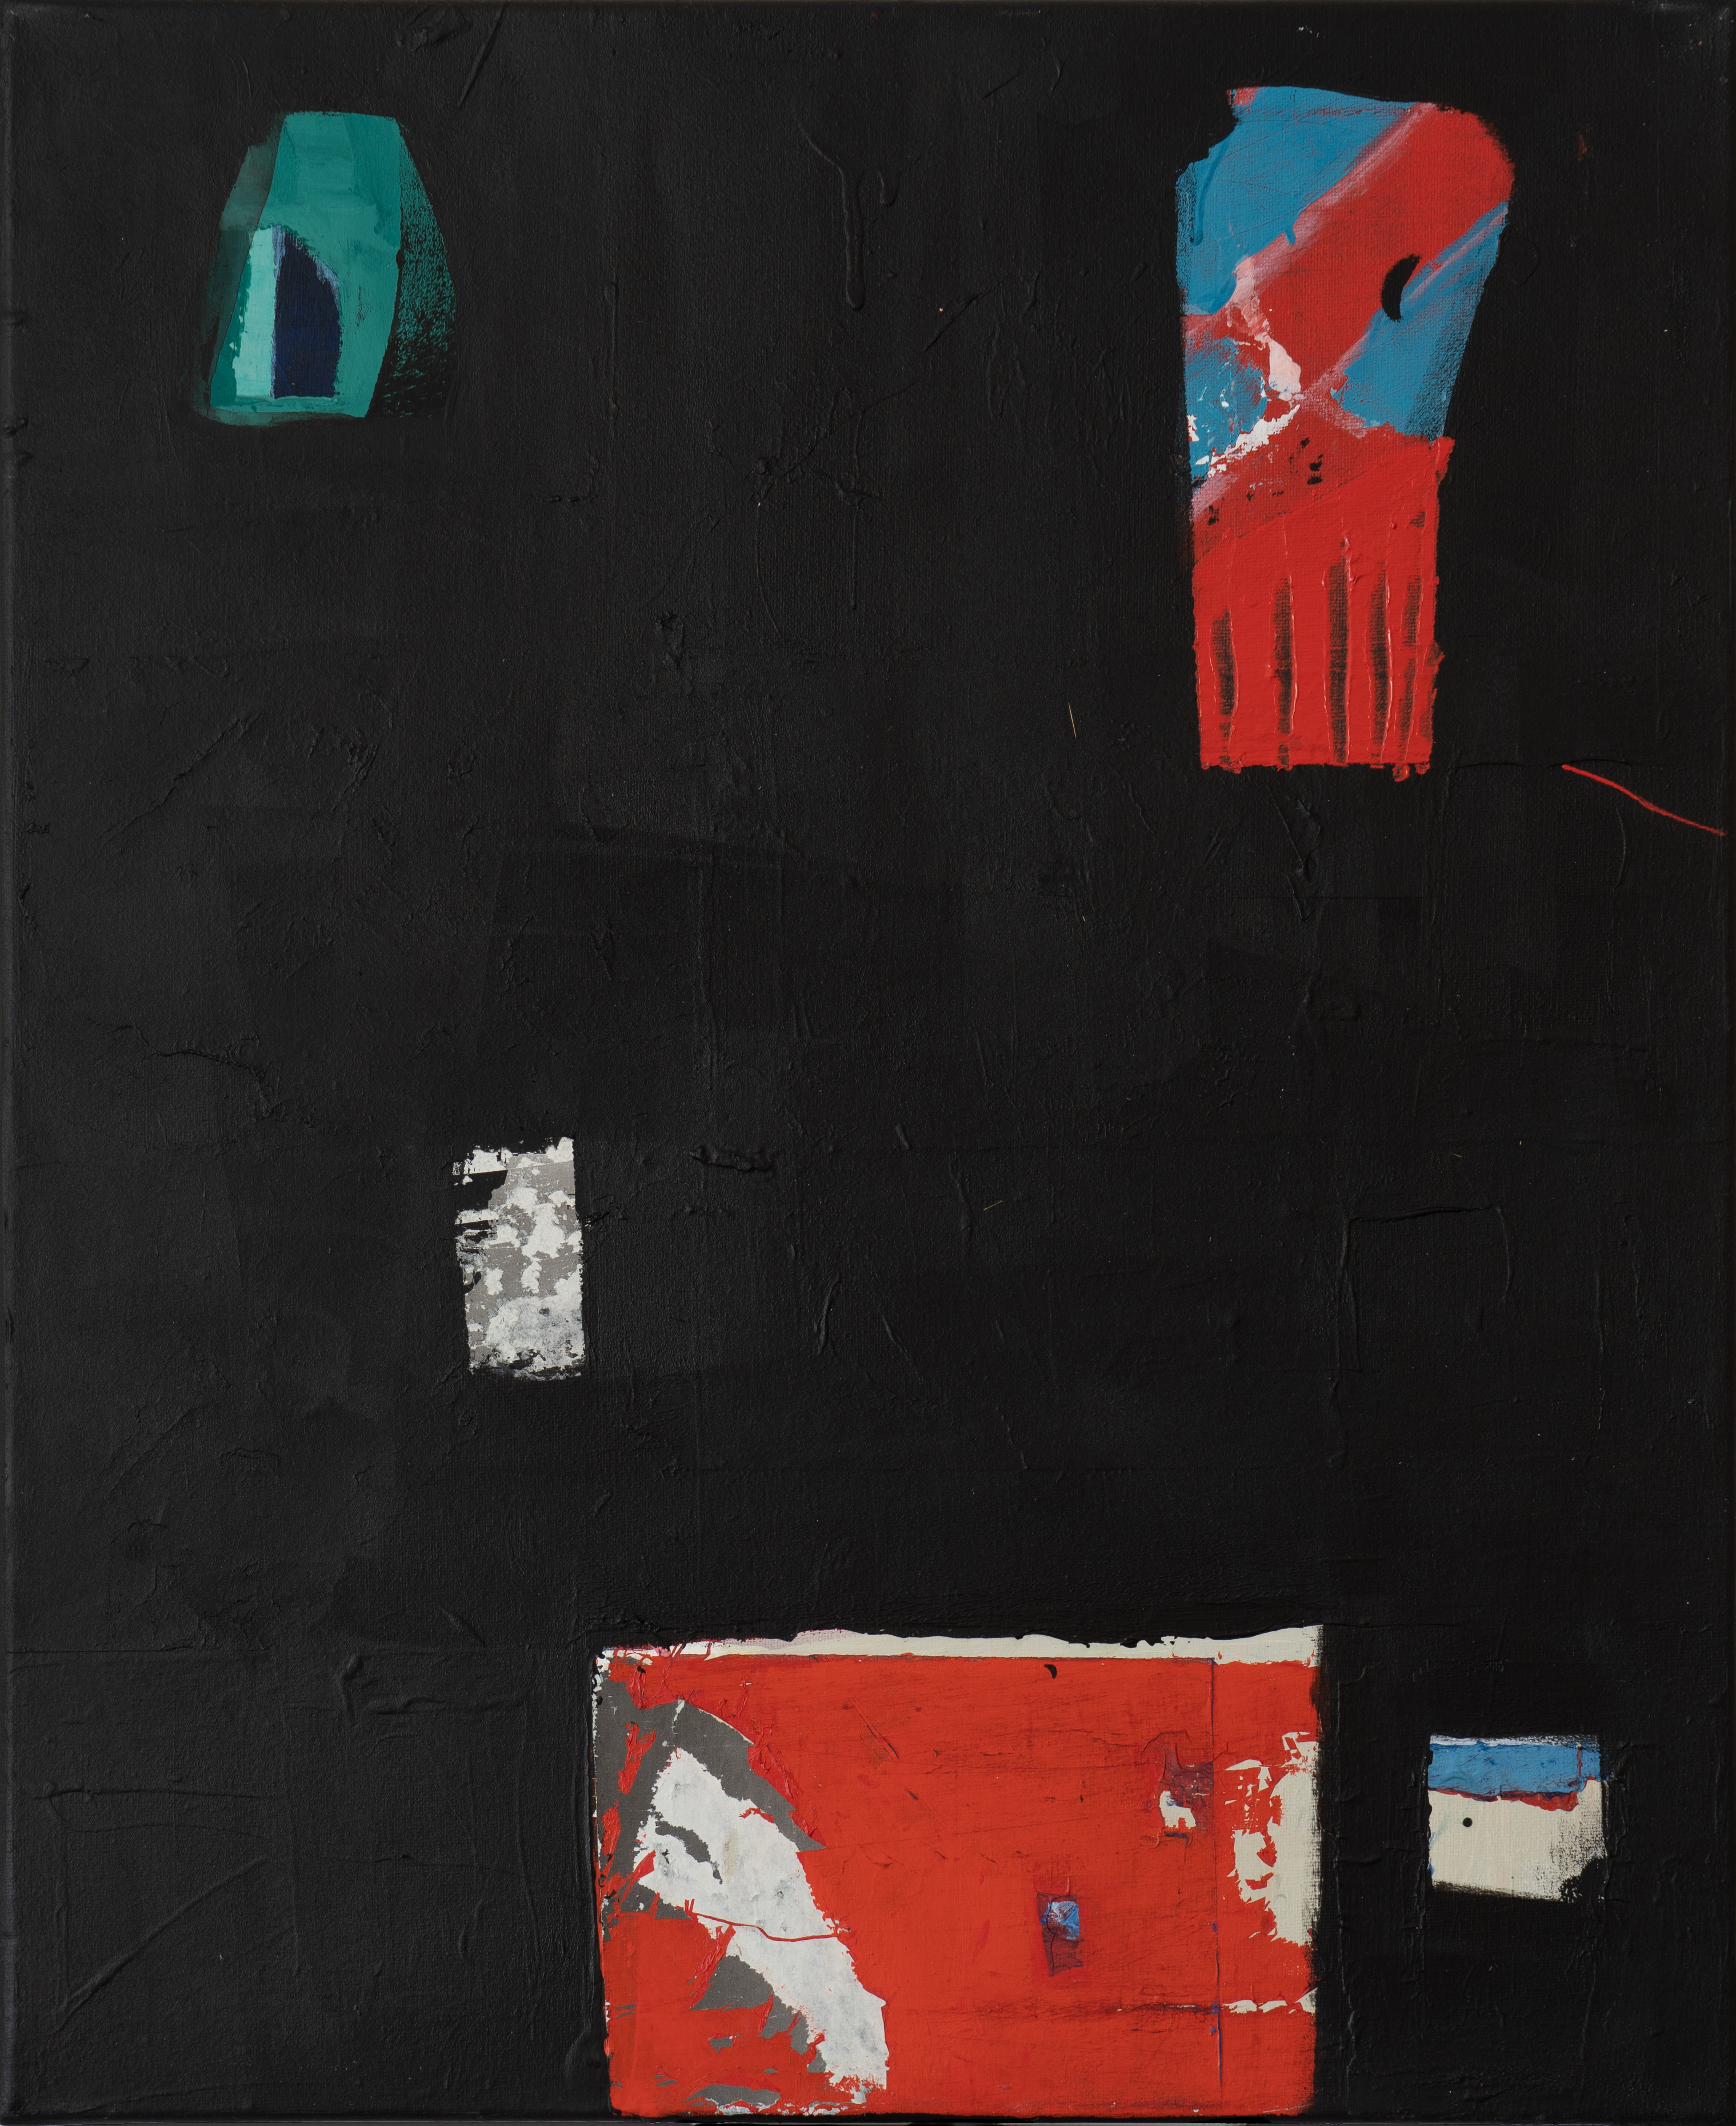 tableau noir hommage Soulages Acrylique et collage sur toile (50 x 60 cm)